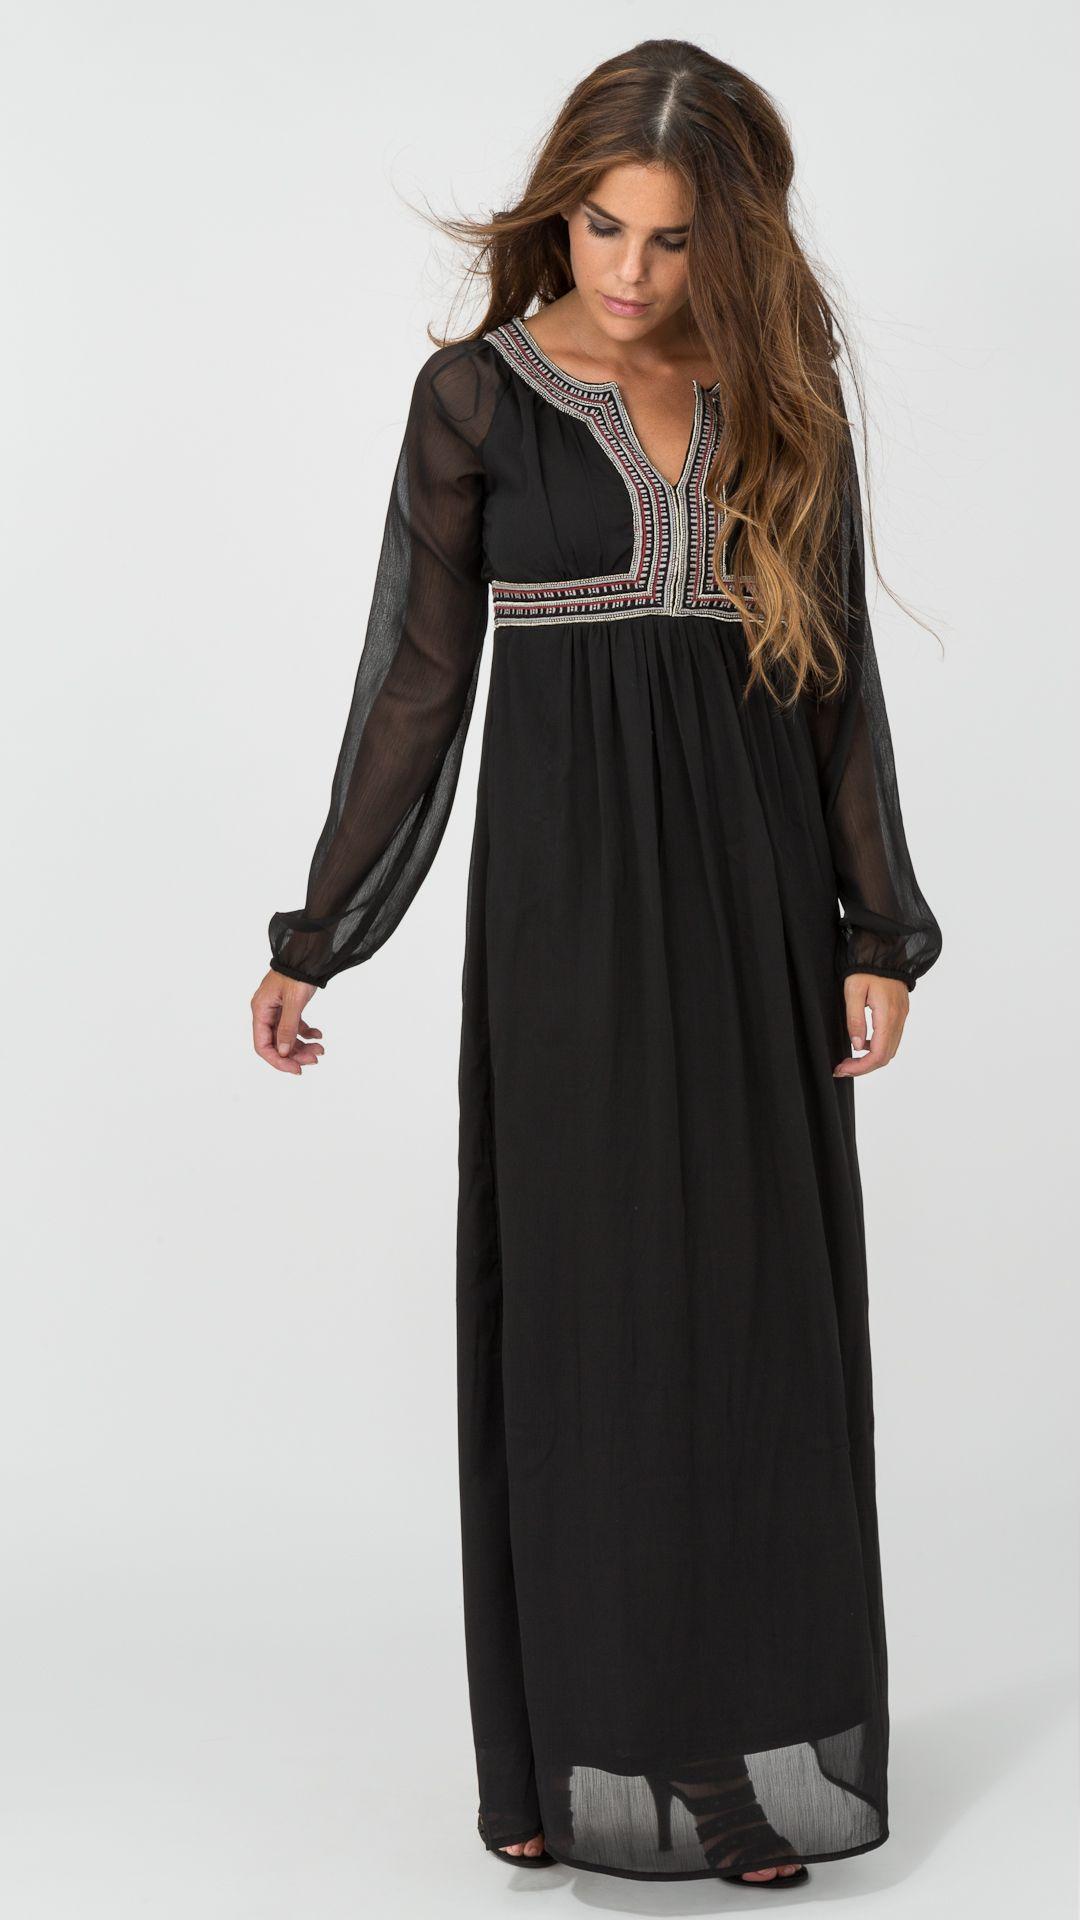 b21908e3c96b Vestido largo negro de gasa y corte imperio...espectacular | Black ...